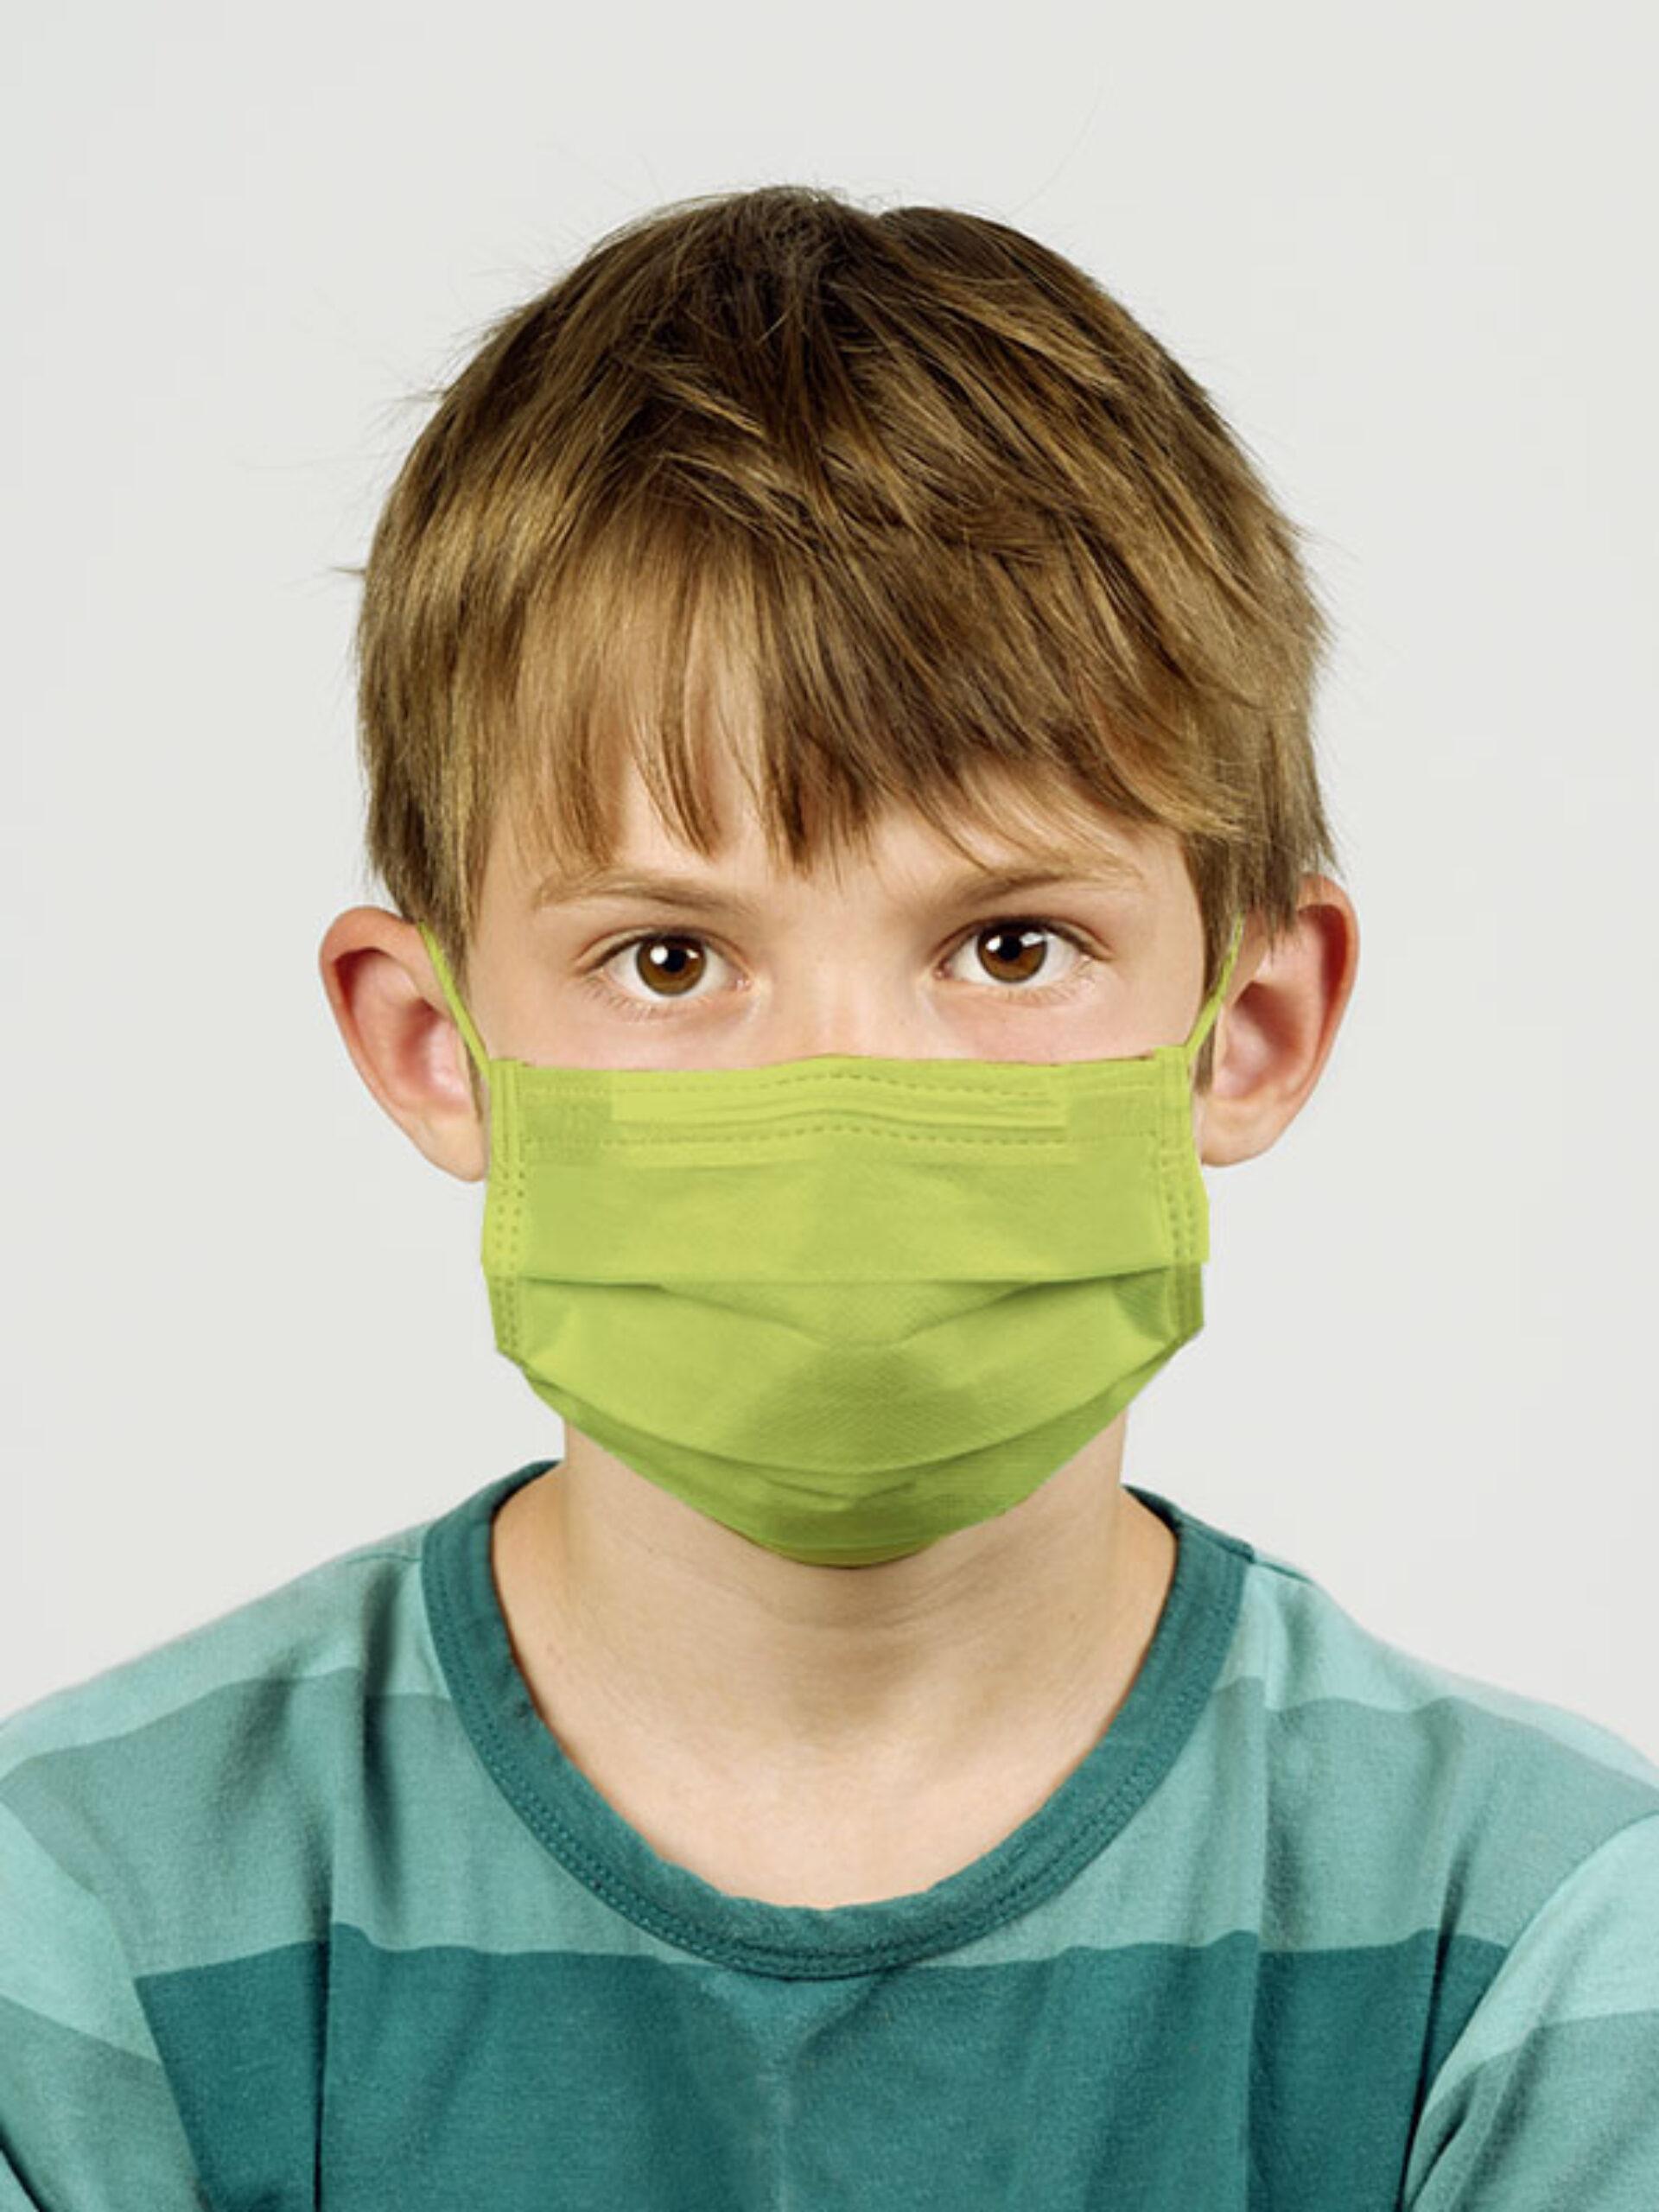 Einwegmaske Schutzmaske Farbig Kinder Gruen